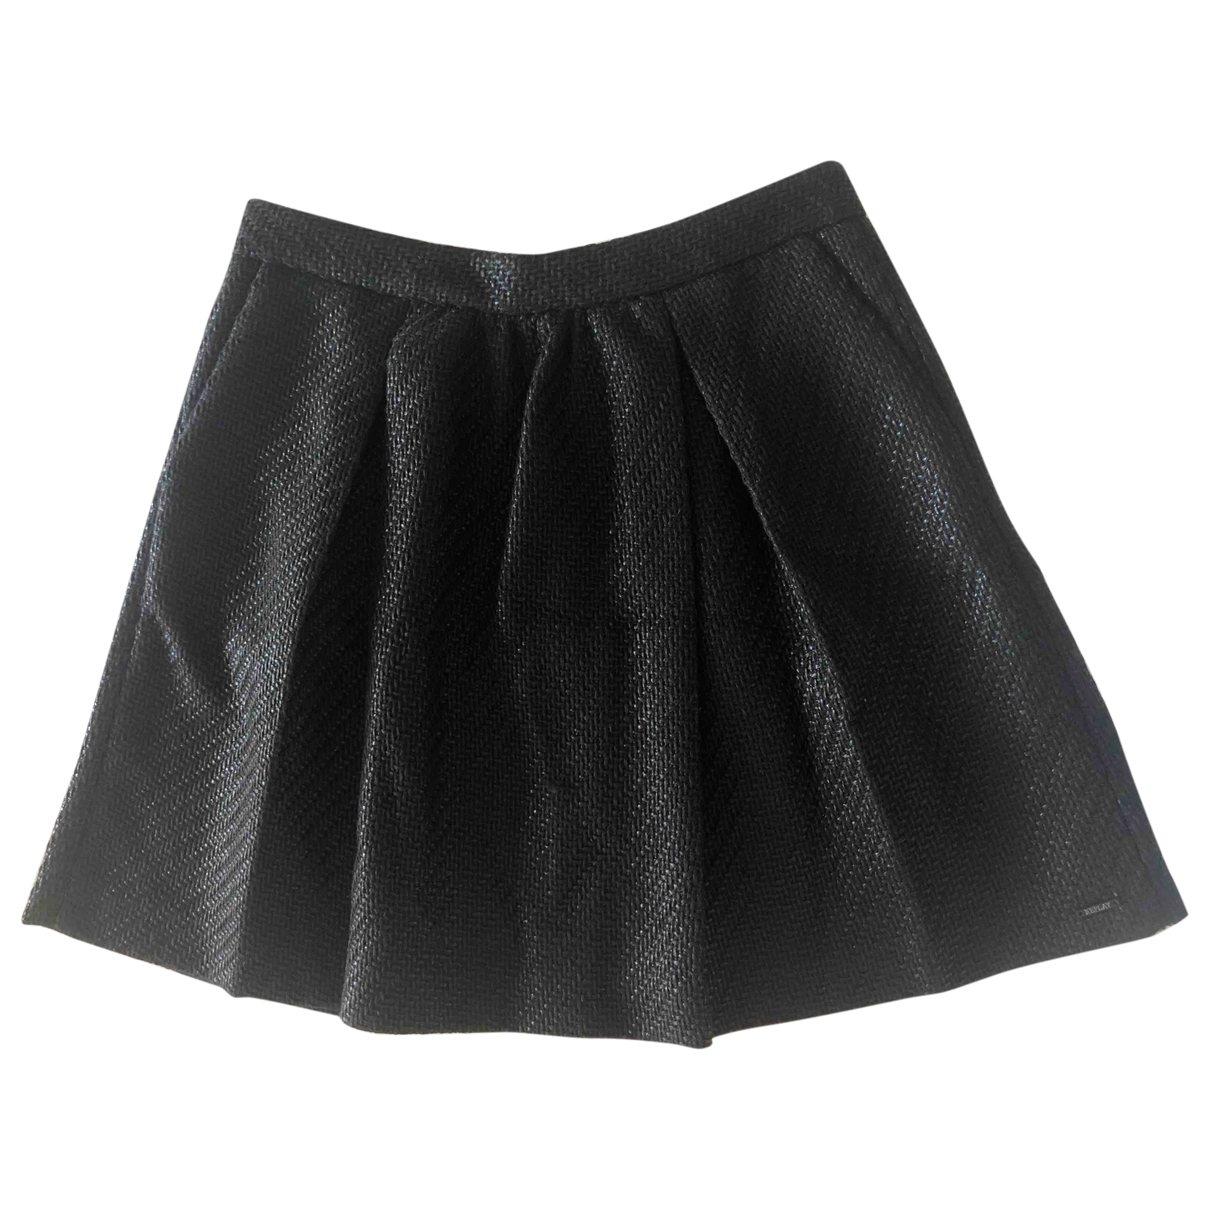 Replay \N Black skirt for Women S International